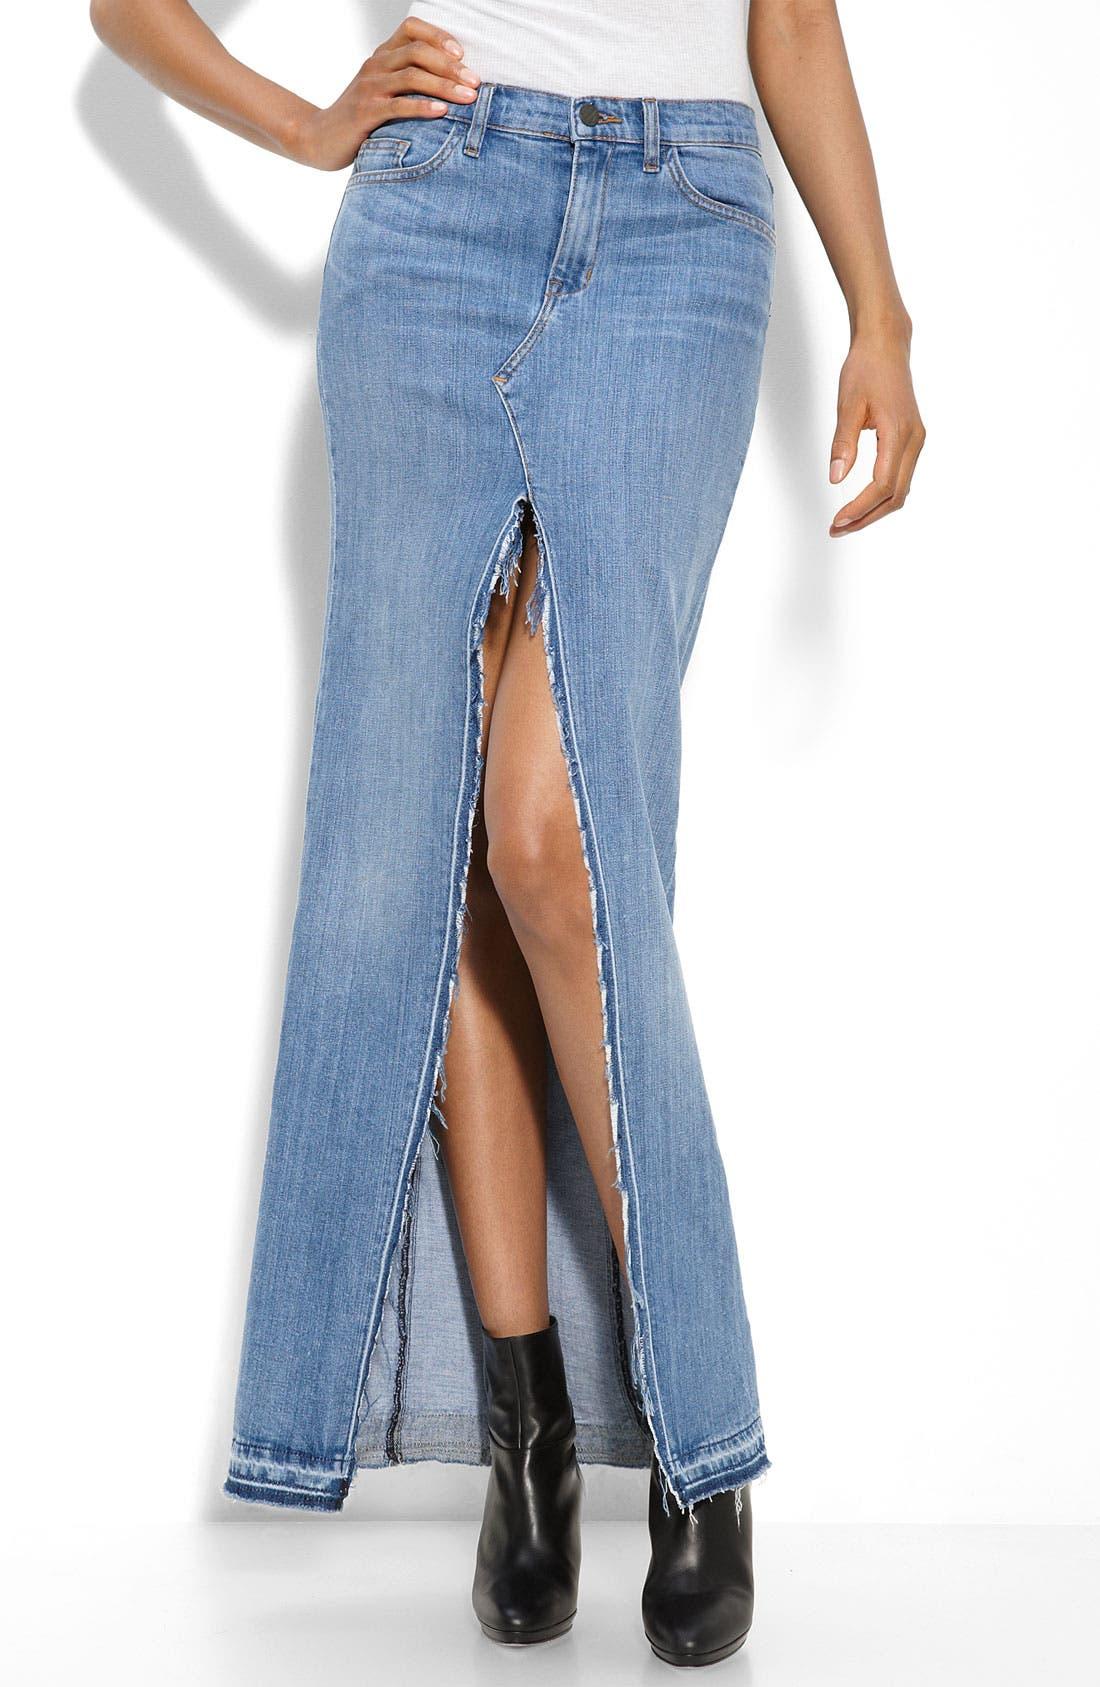 Alternate Image 1 Selected - Genetic 'The Chloe' Long Stretch Denim Skirt